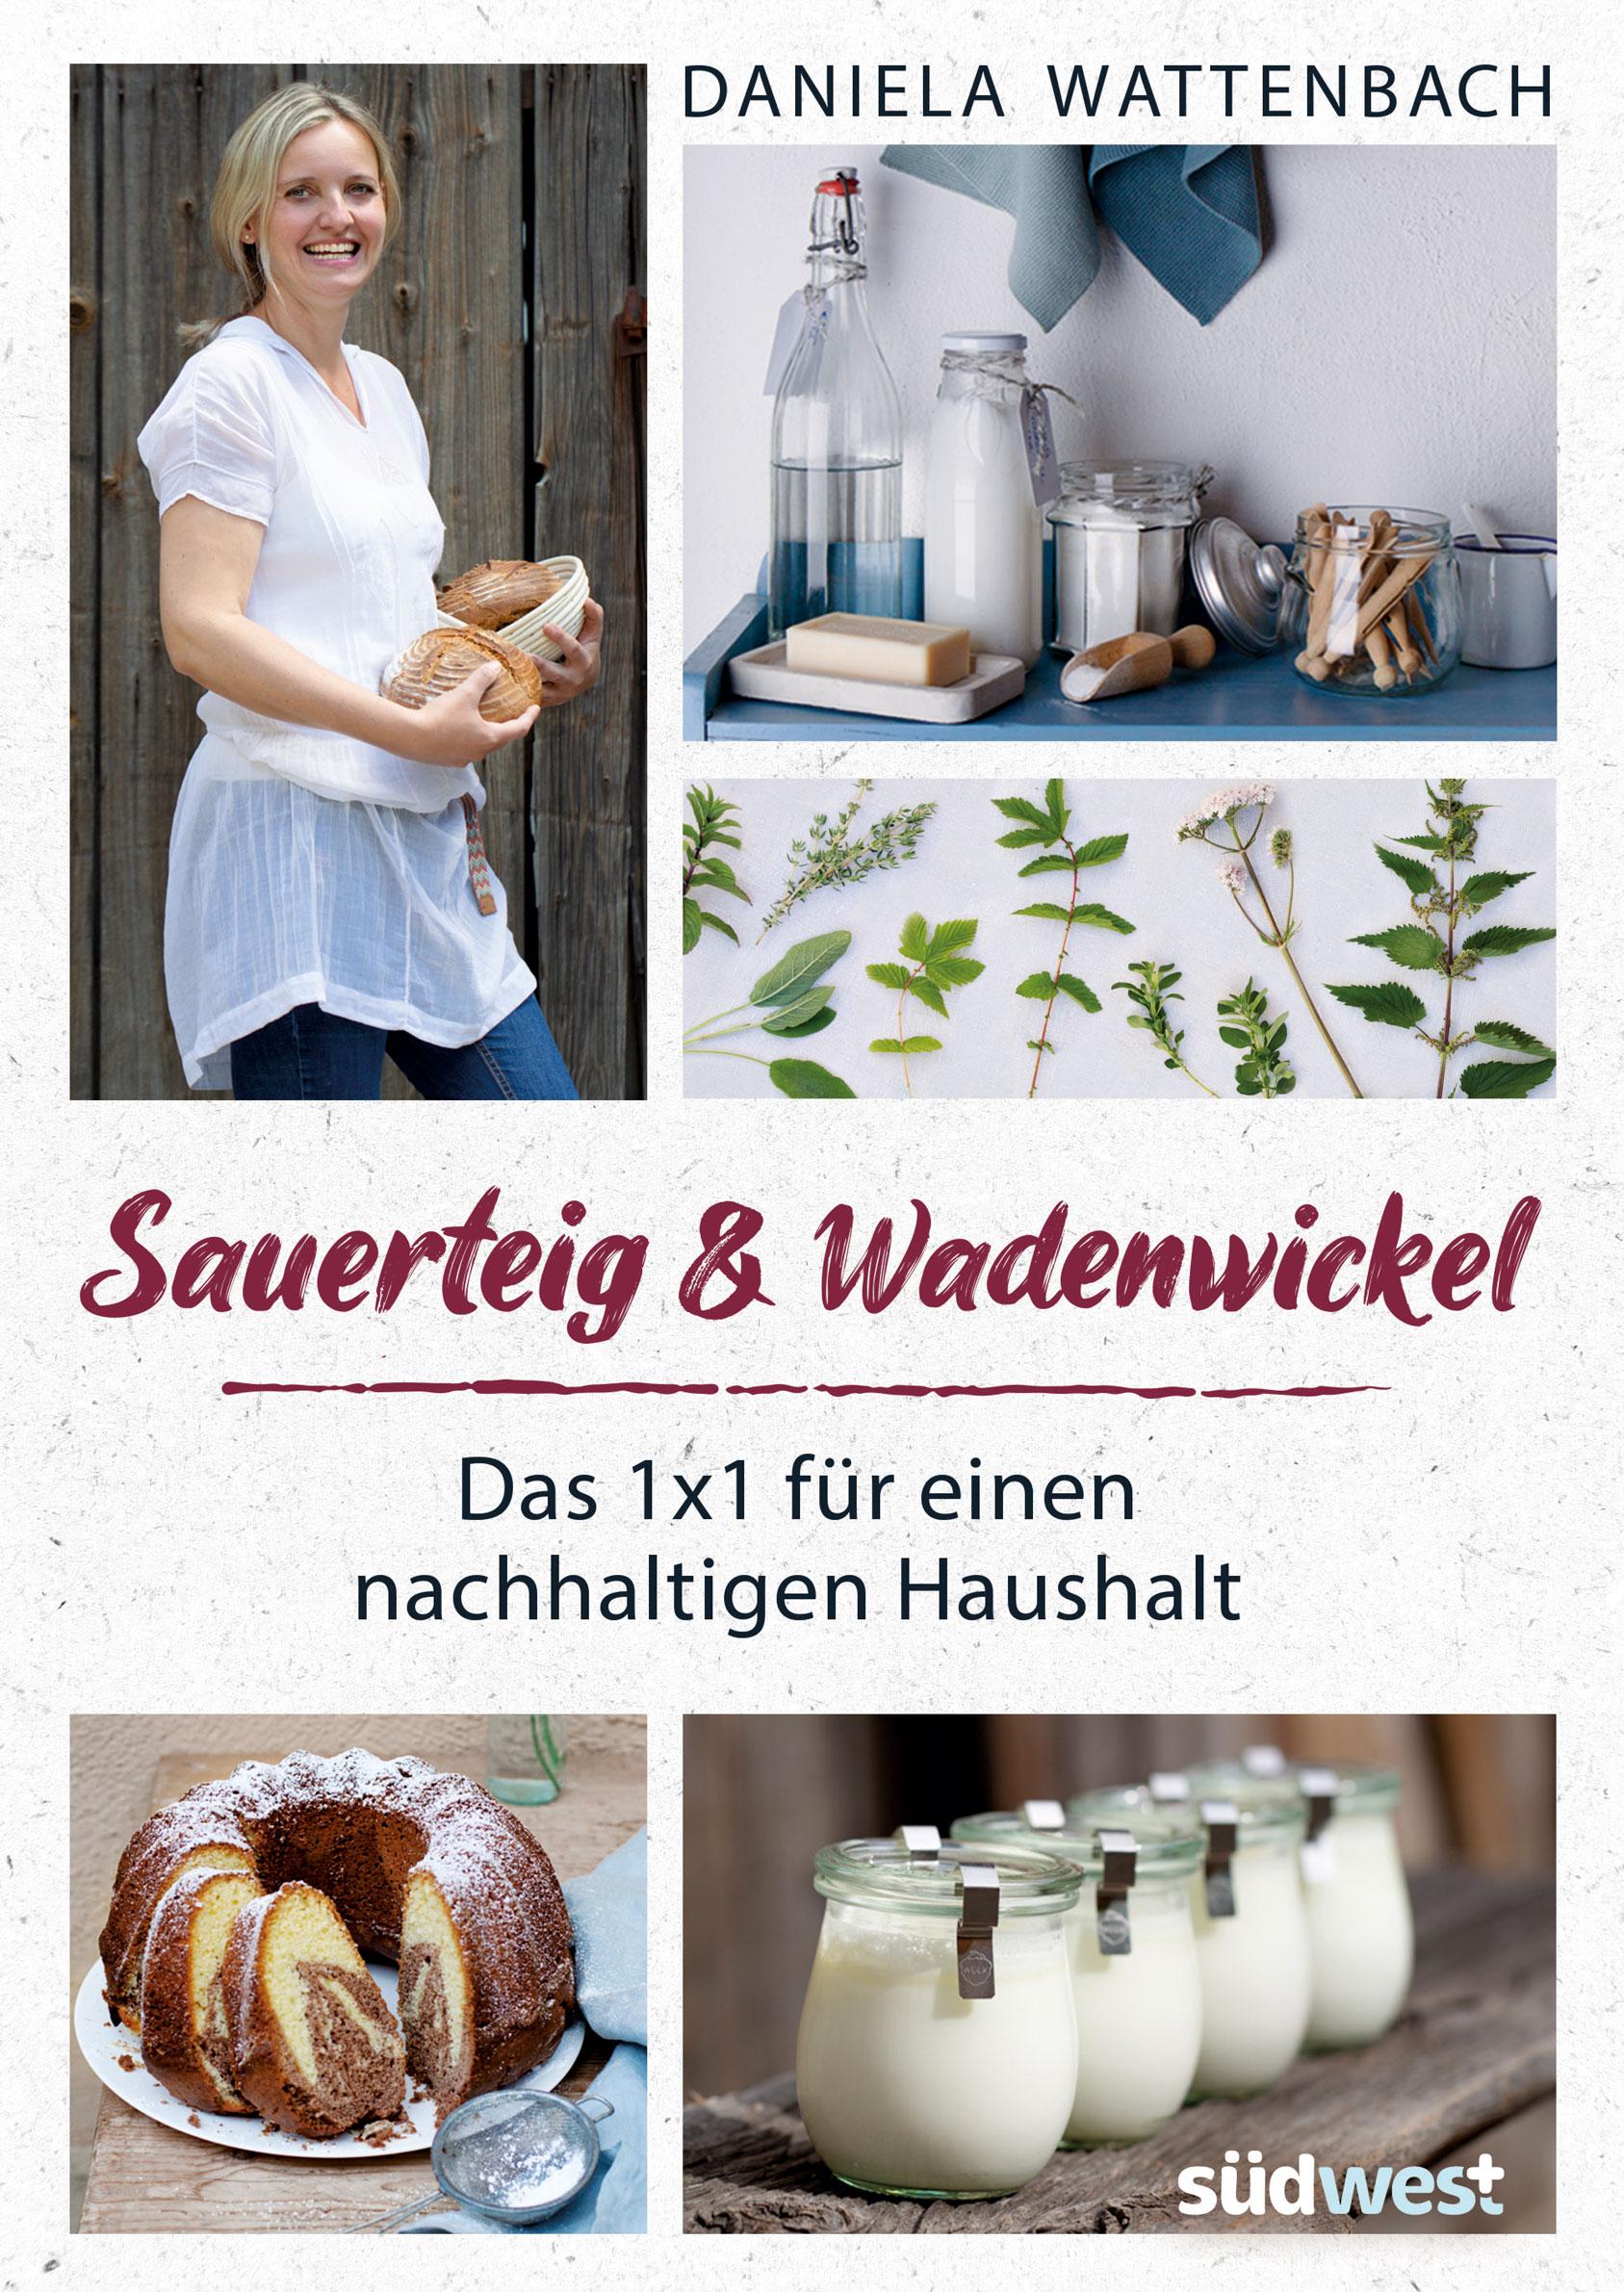 """""""Sauerteig & Wadenwickel"""" von Daniela Wattenbach, 240 Seiten, Südwest Verlag, ISBN 978-3-517-09968-2, Euro 22,-."""